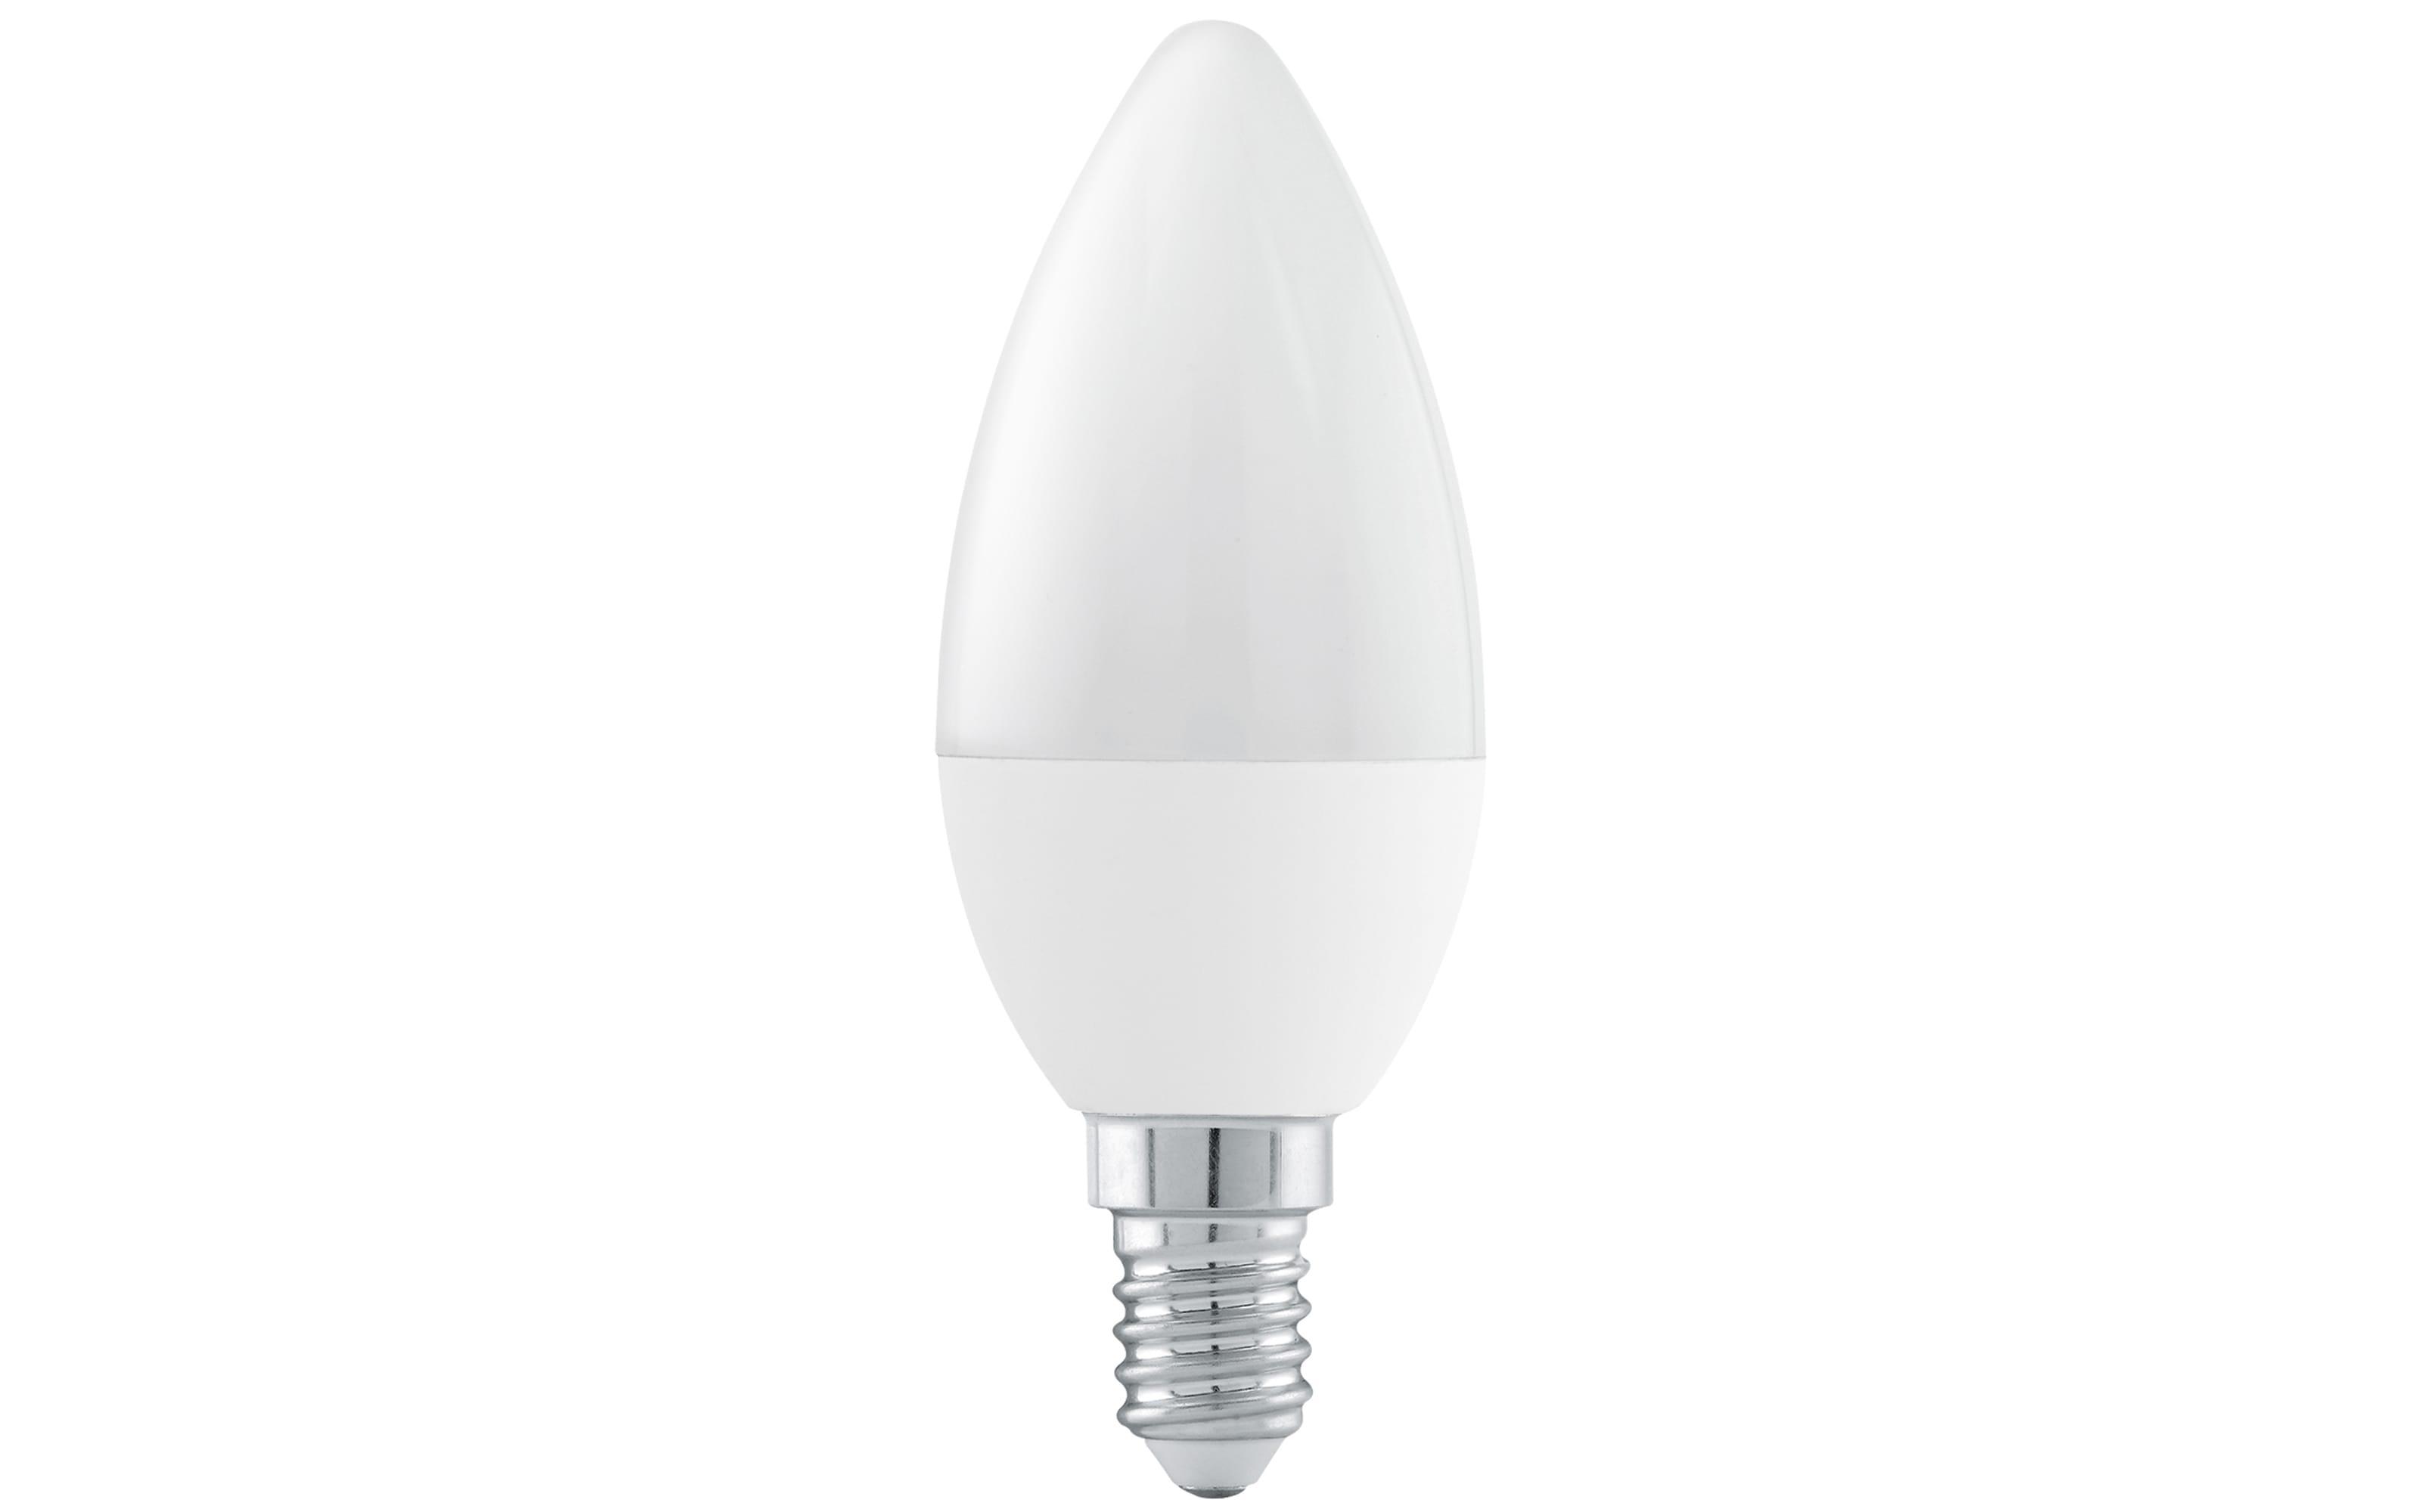 LED-Leuchtmittel 11581 6W / E14, 3000 K